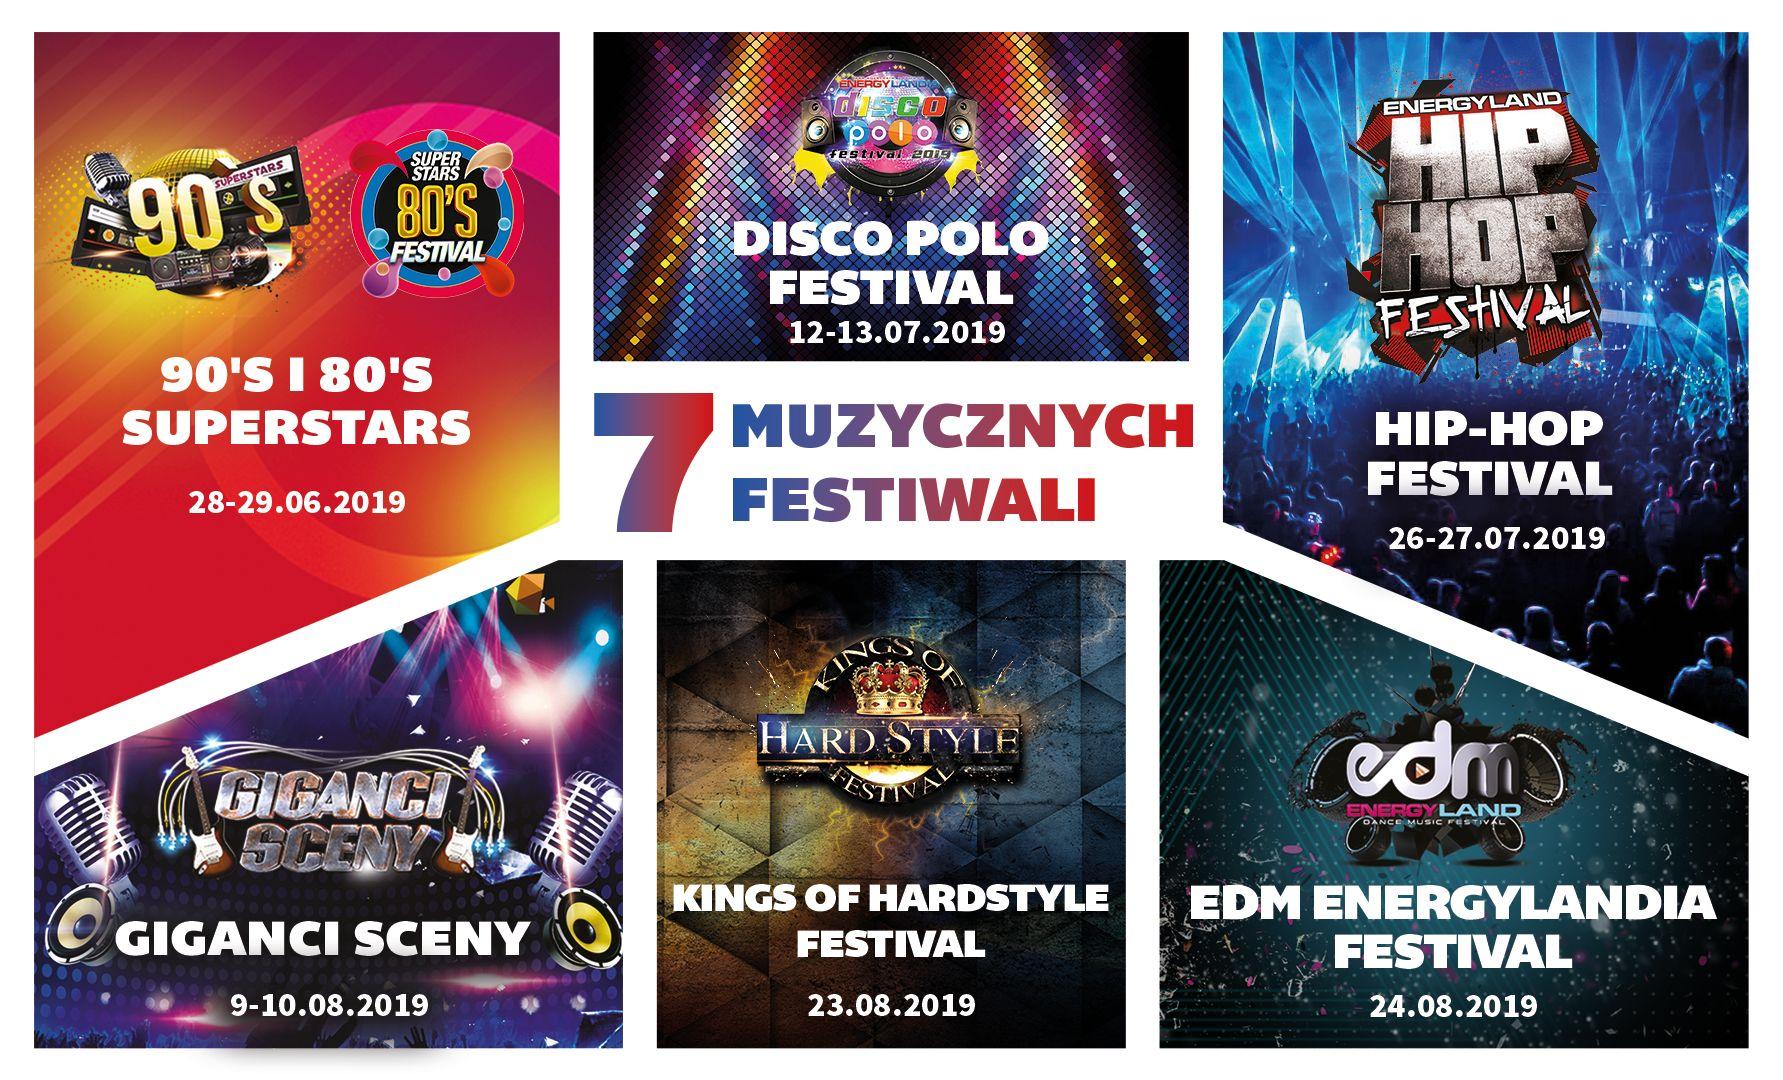 Grafika promująca muzyczne festiwale w EnergyLandii